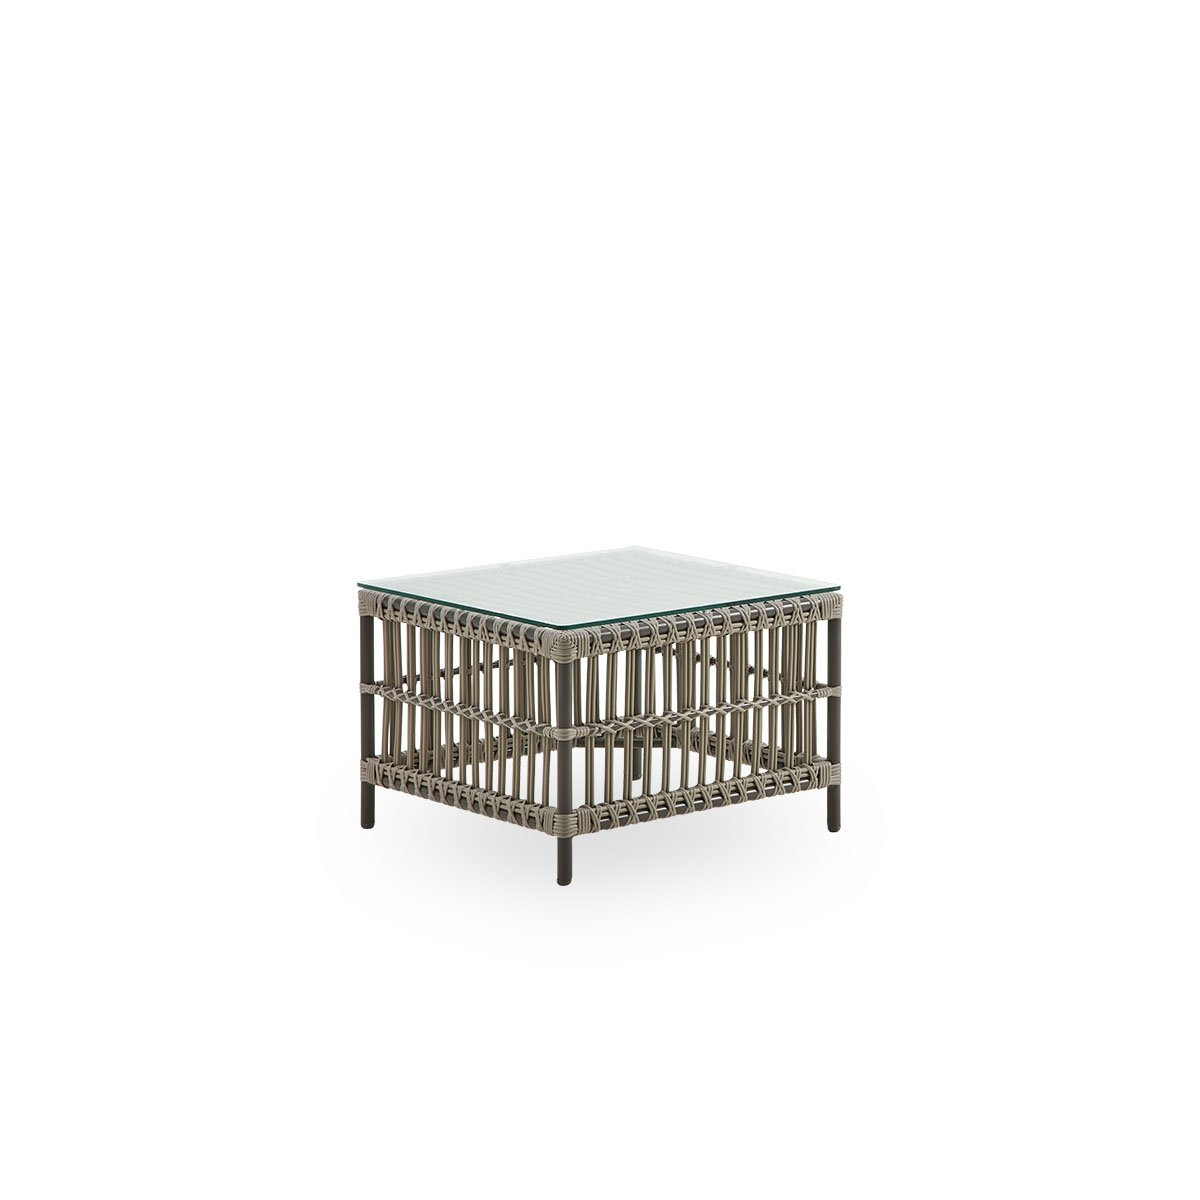 Sika Design Garten-Beistelltisch Caroline 60x60 cm Moccachino